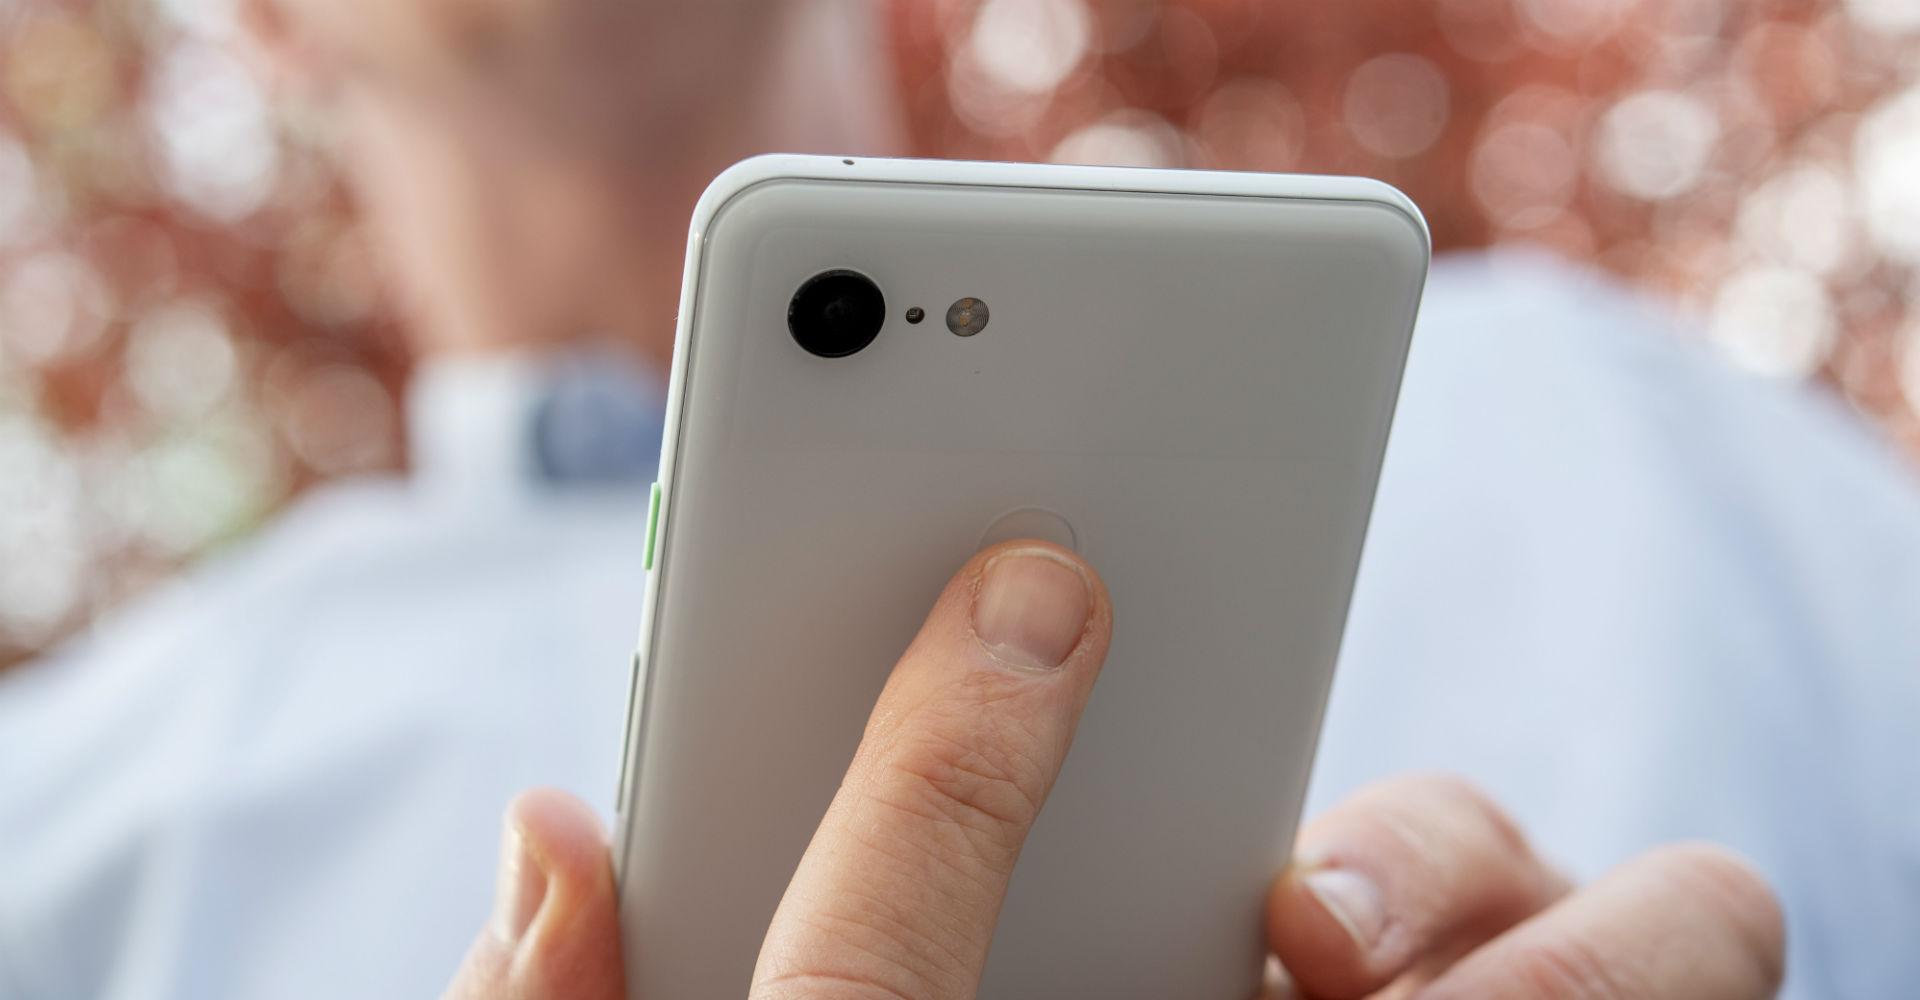 Das Google Pixel 3 via Fingerabdrucksensor sicher entsperren.